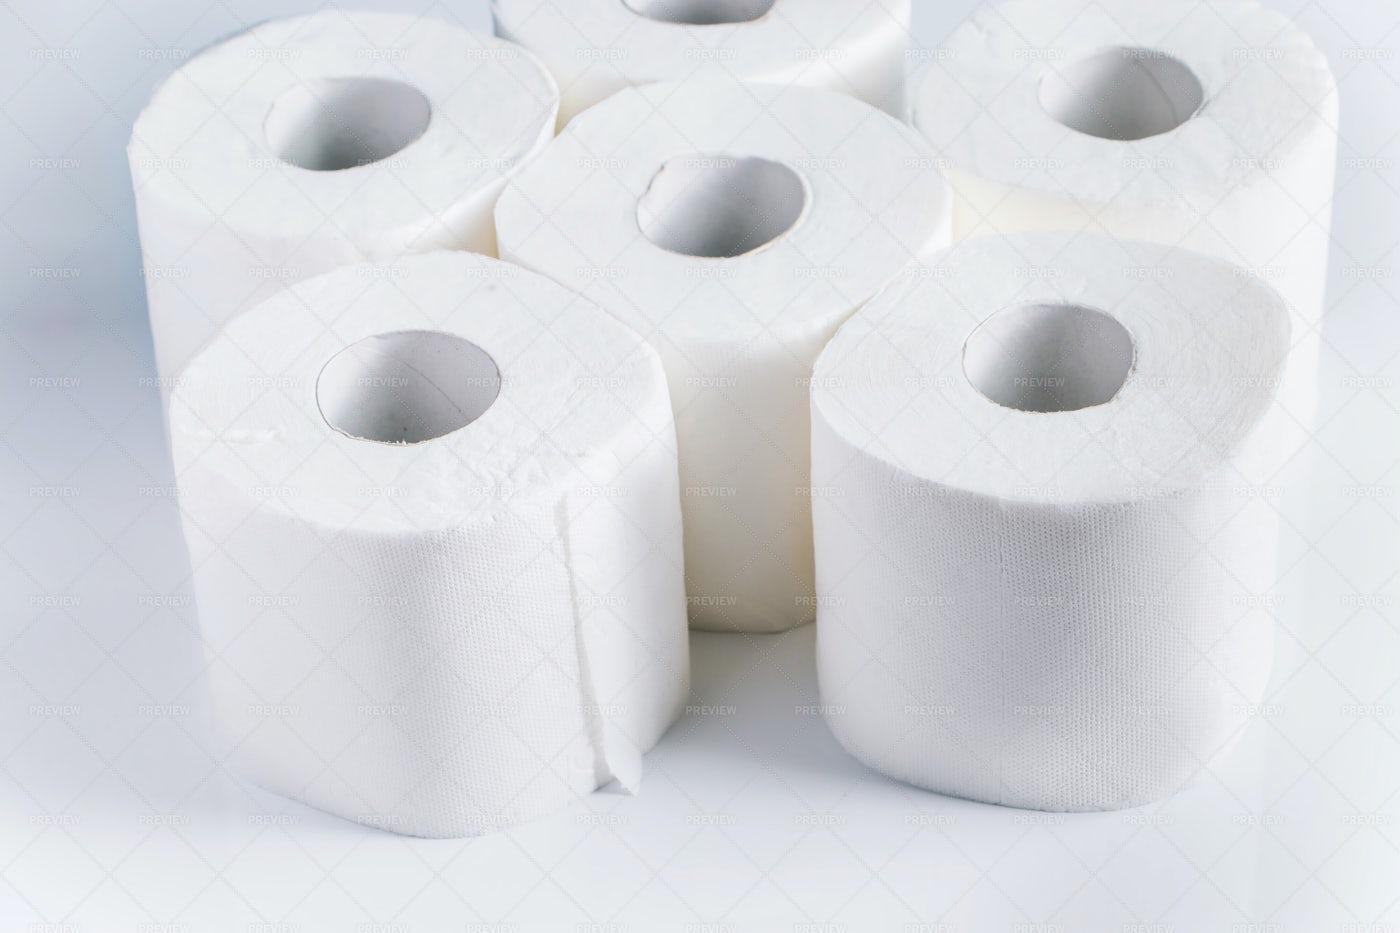 Toilet Paper: Stock Photos